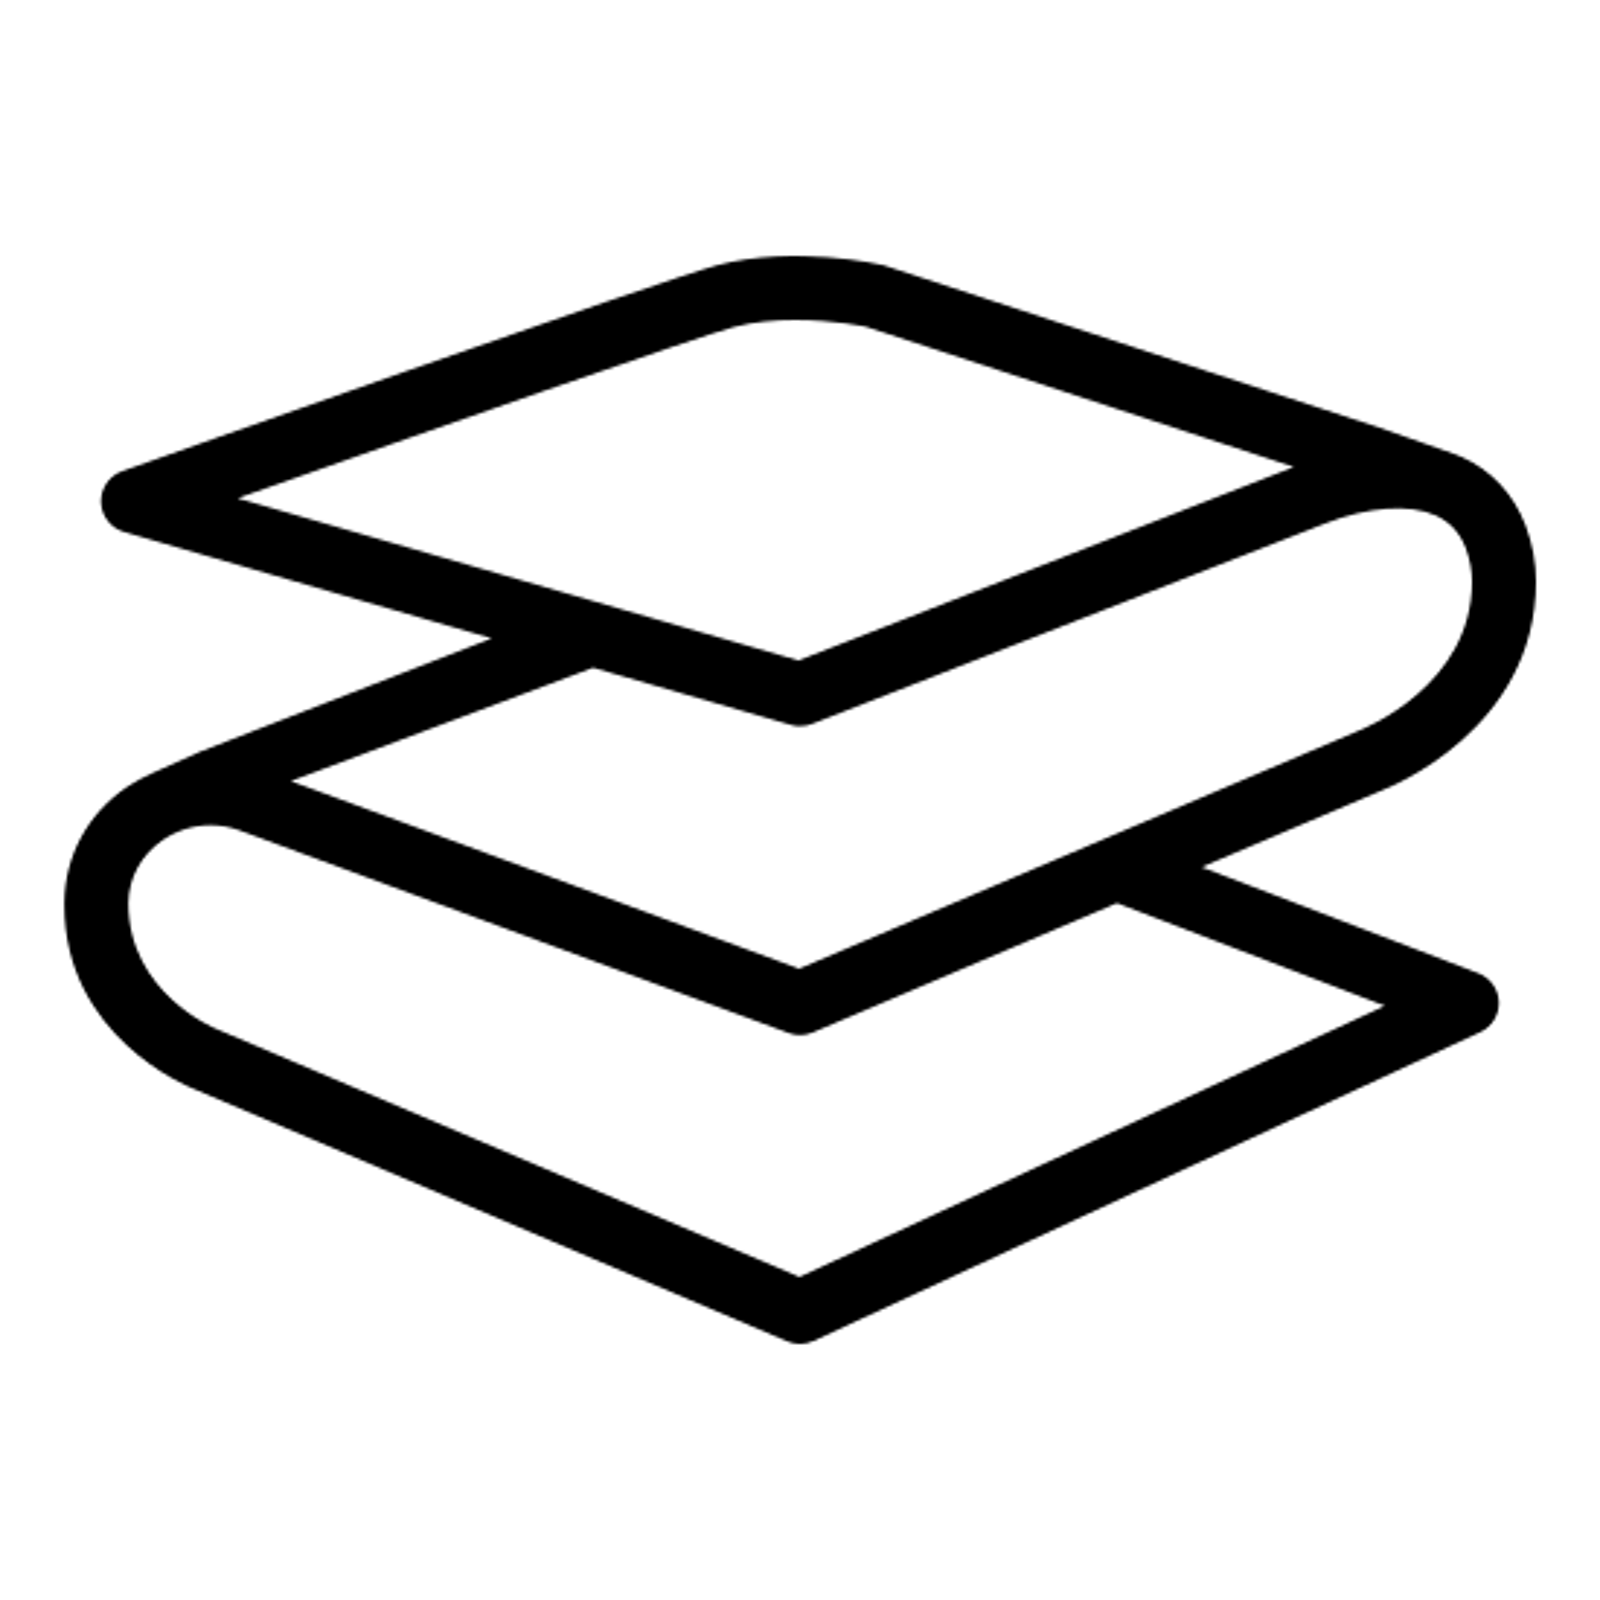 フォイルスペースブランケット icon